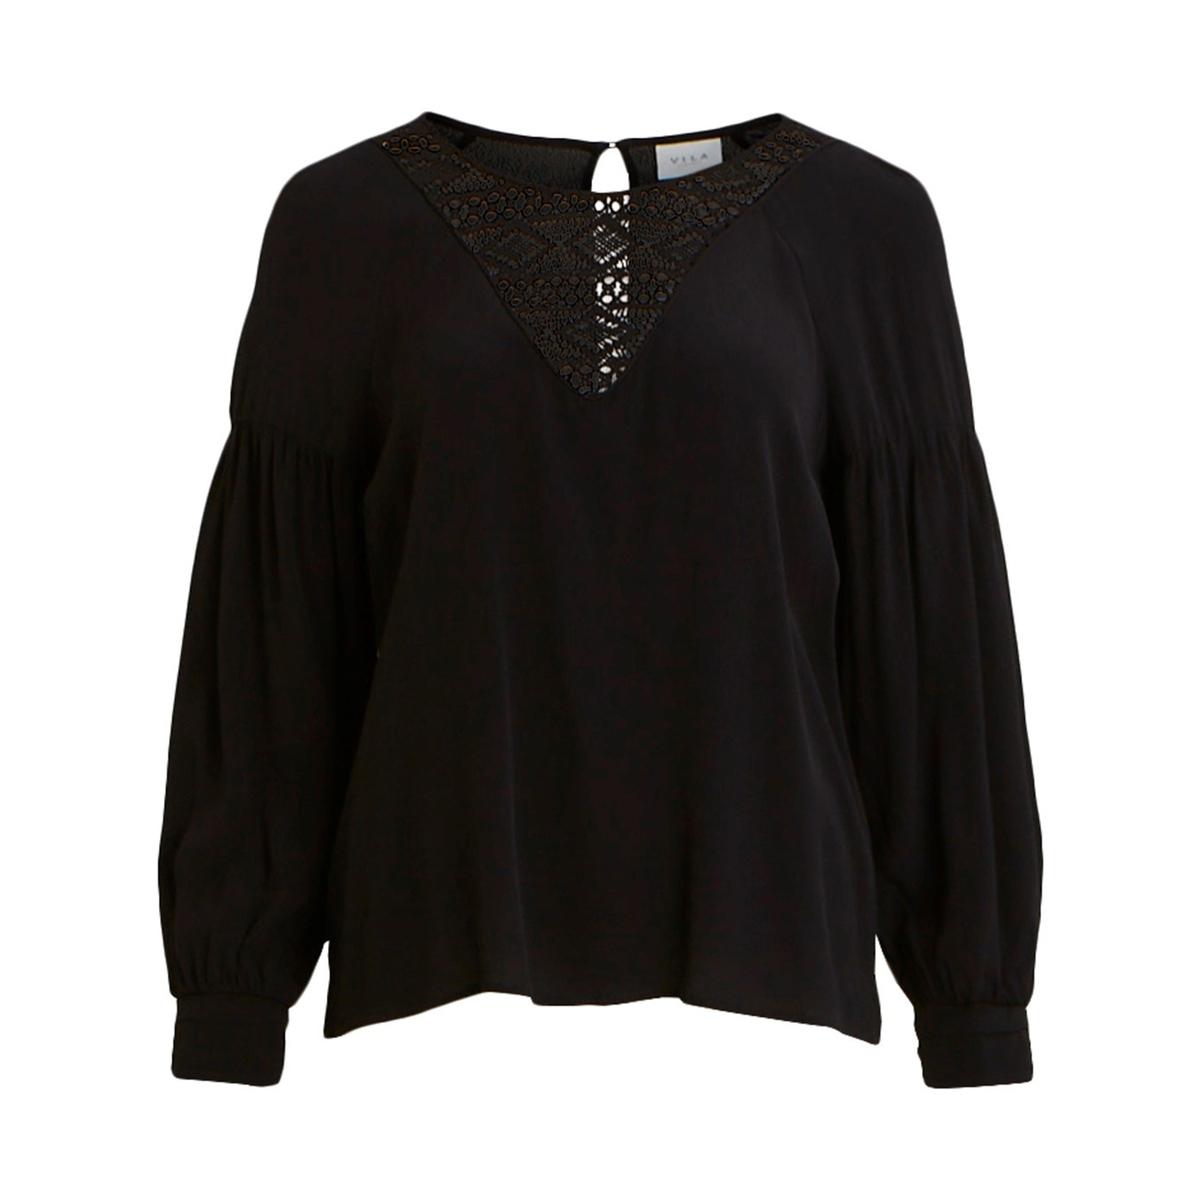 Блузка La Redoute С кружевной вставкой и вырезом-капля 38 (FR) - 44 (RUS) черный платье la redoute радужное estelle 36 fr 42 rus черный